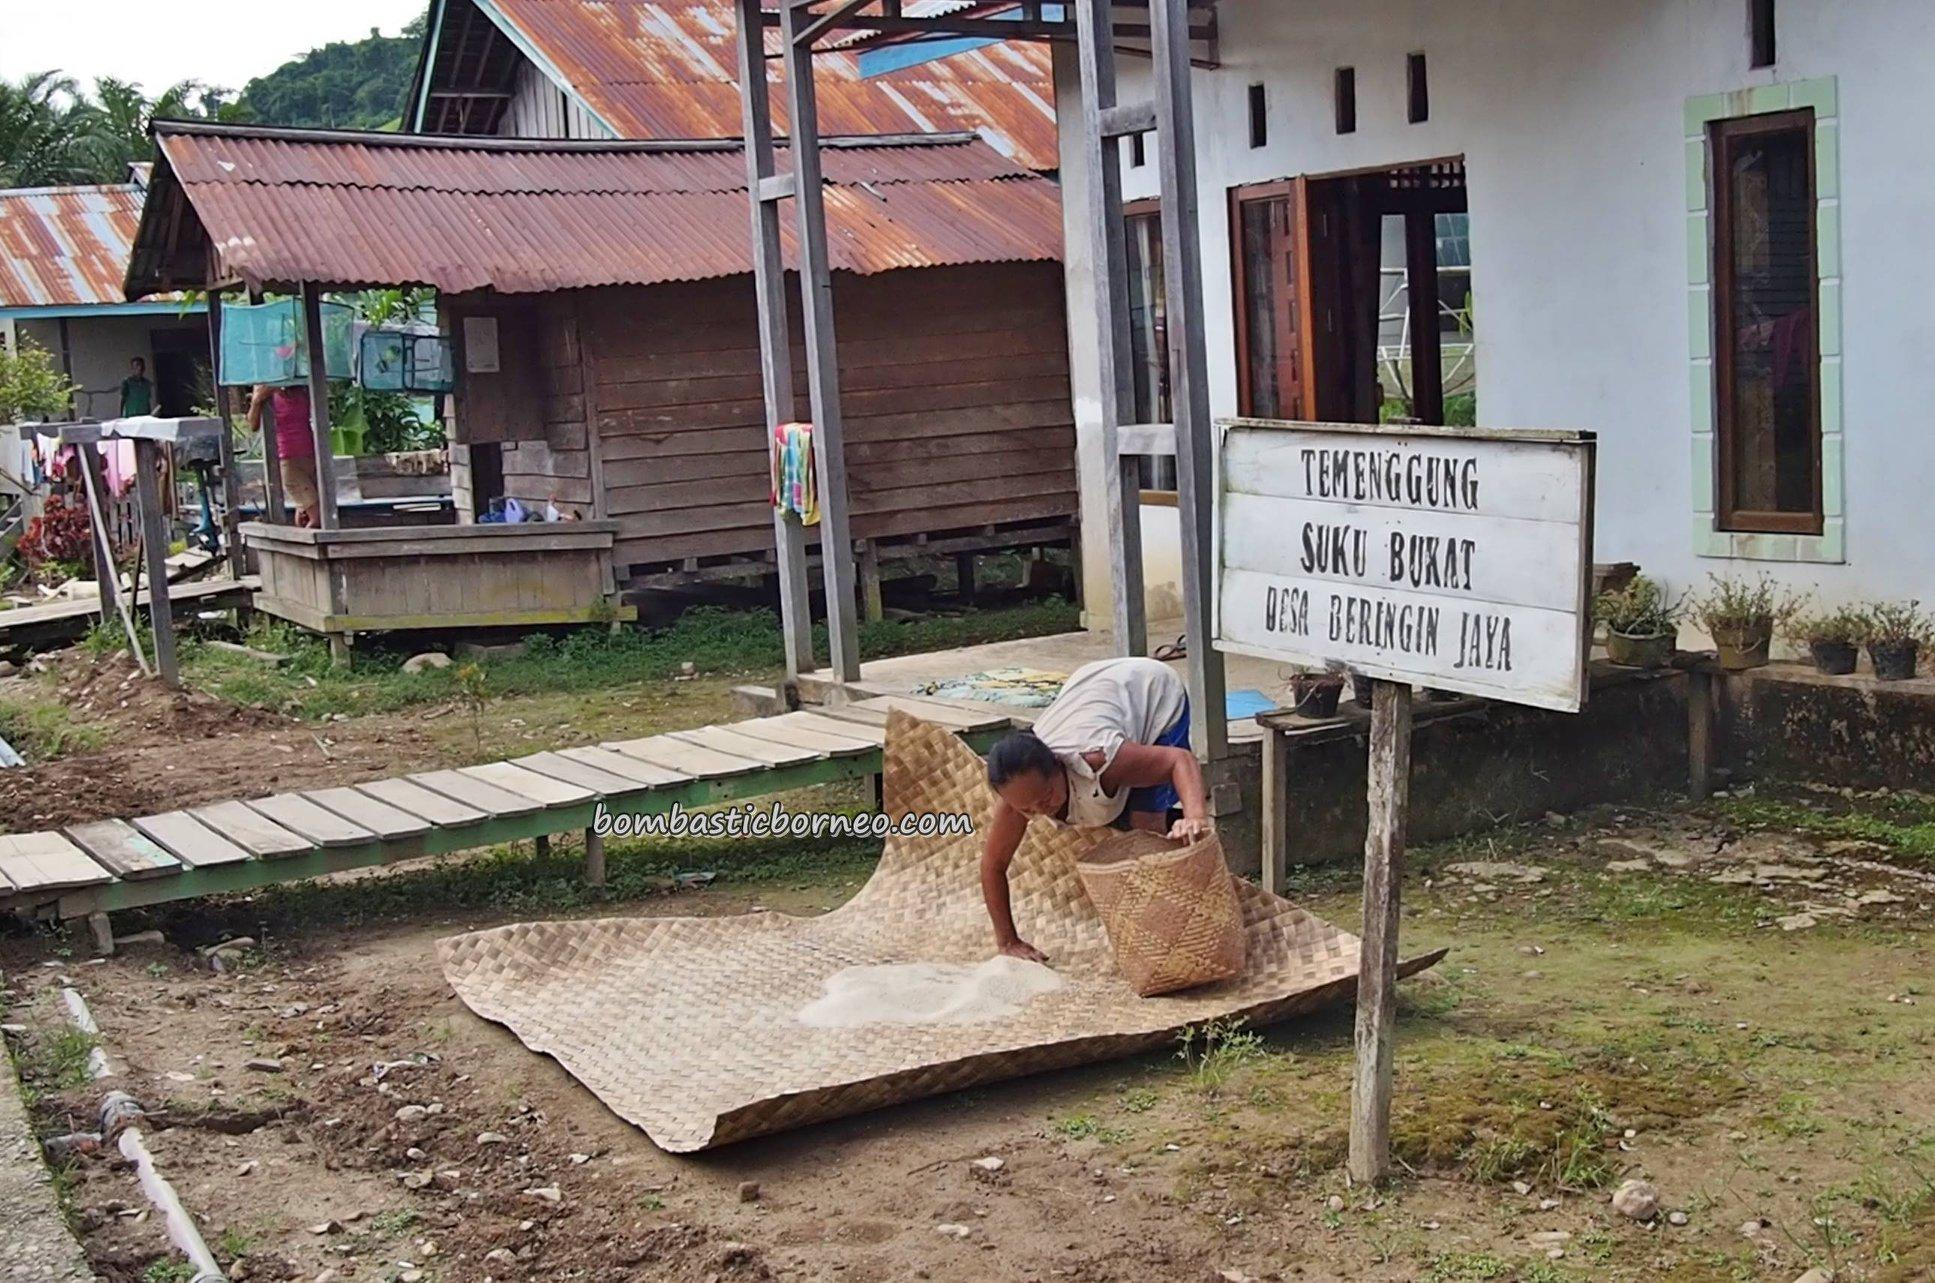 antique, Situs Neolitikum, Neolithic Site, authentic, Desa Beringin Jaya, Dusun Nanga Balang, Putussibau Selatan, Indonesia, Kapuas Hulu, Suku Dayak Bukat, Pariwisata, Tourism, village, transborder, 婆罗洲西加里曼丹, 旅游景点